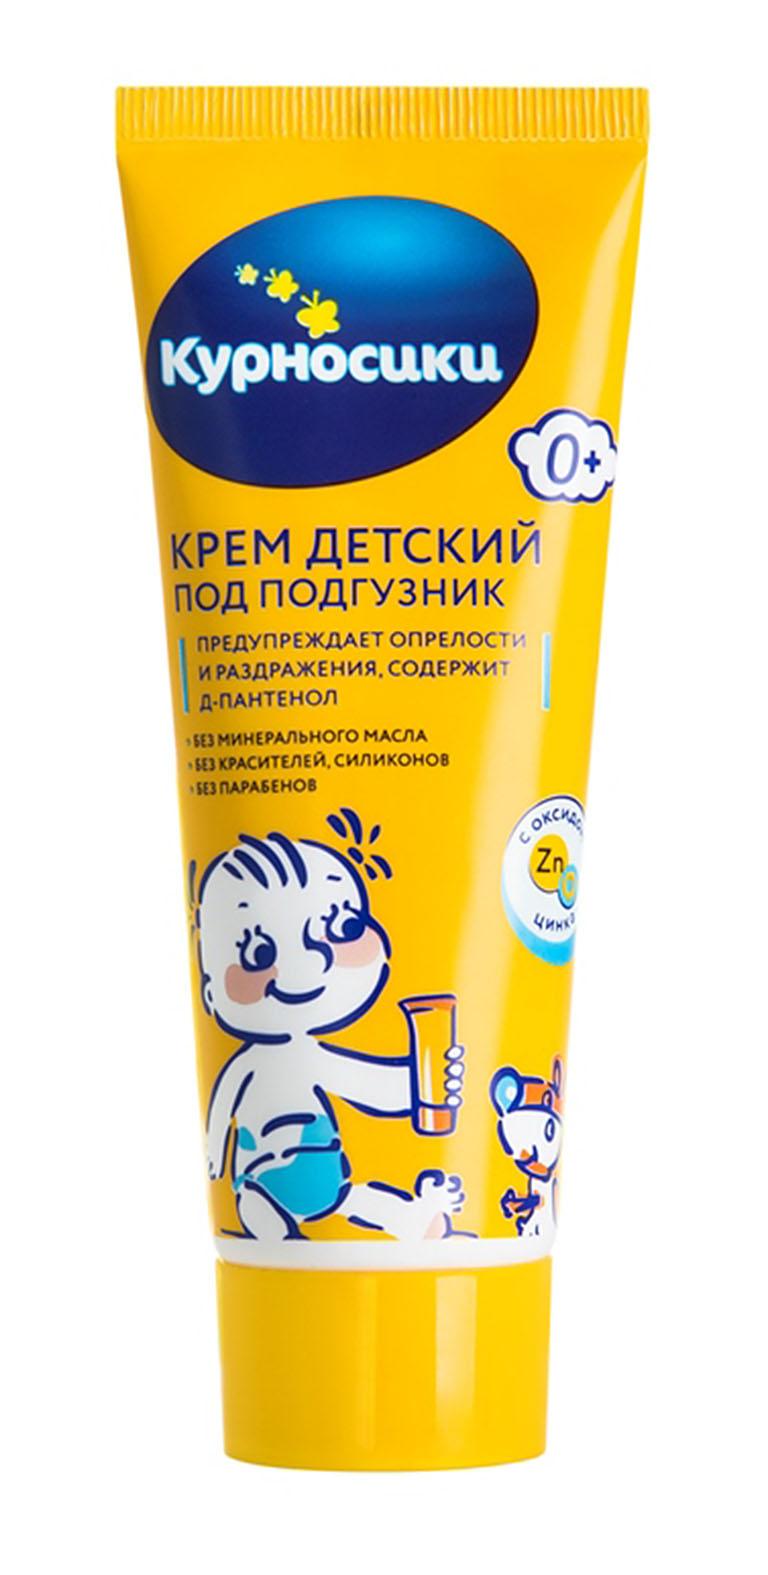 40312 Крем детский под подгузник, 75мл